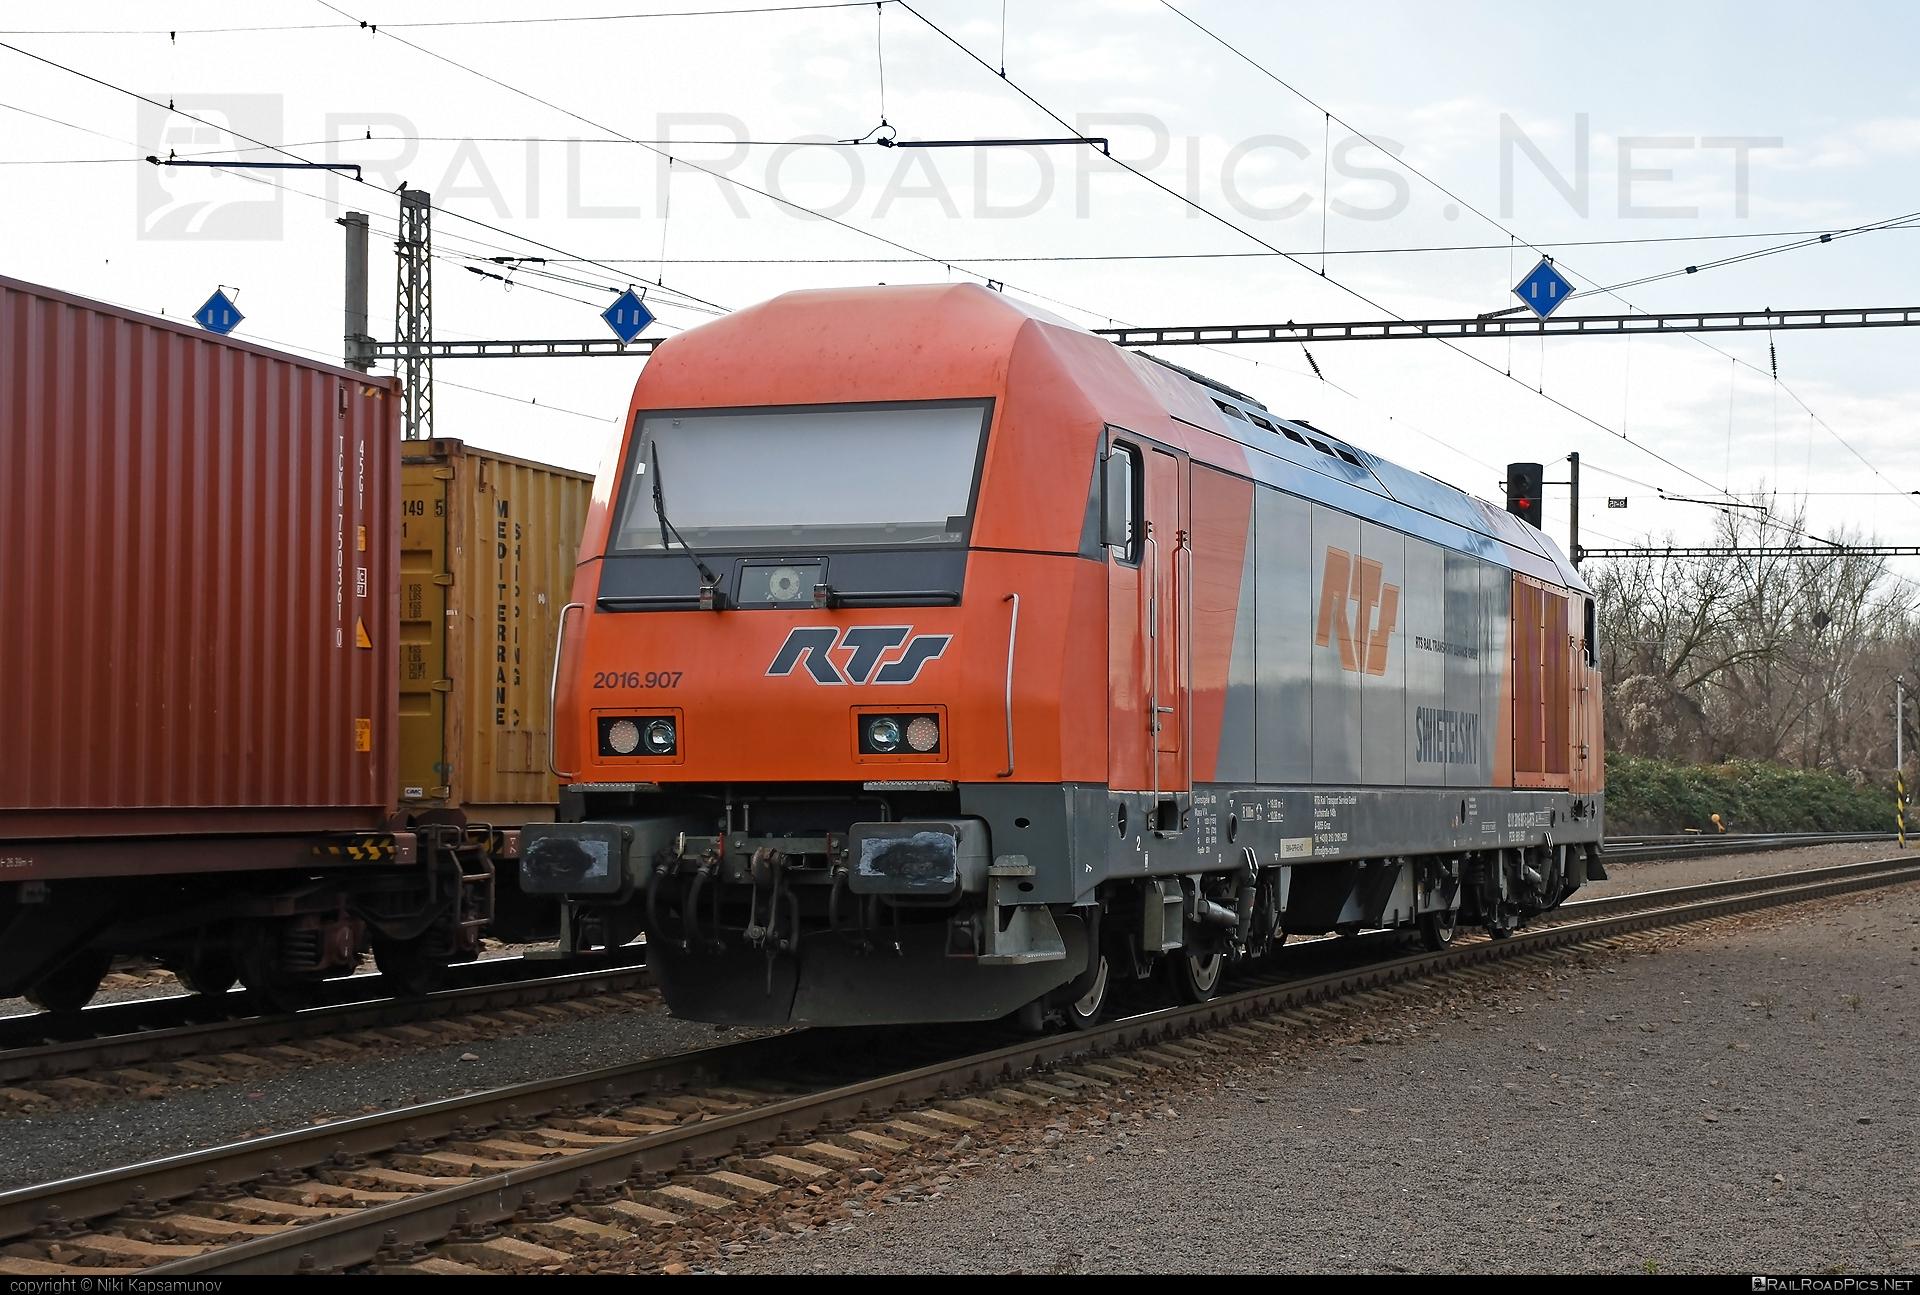 Siemens ER20 - 2016 907 operated by Swietelsky Baugesellschaft m.b.H. - ZNL Bahnbau #er20 #er20hercules #eurorunner #hercules #railtransportservicegmbh #rts #rtsrailtransportservice #siemens #siemenser20 #siemenser20hercules #siemenseurorunner #siemenshercules #swietelsky